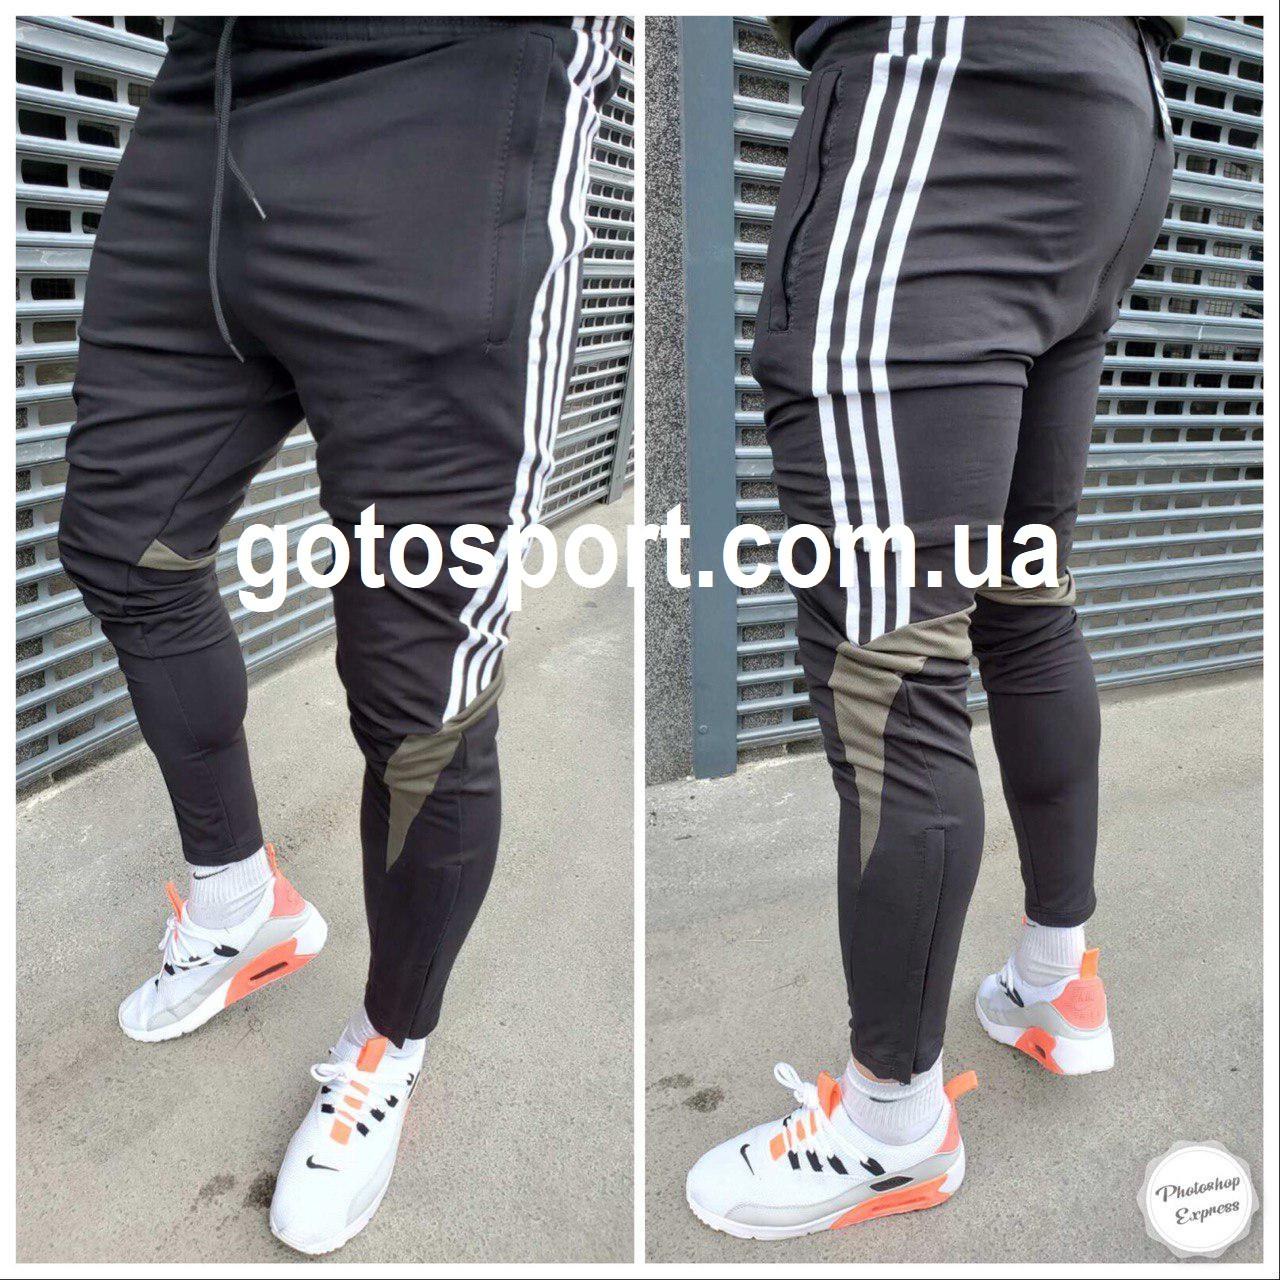 Мужские спортивные штаны Adidas Men Haki Cool